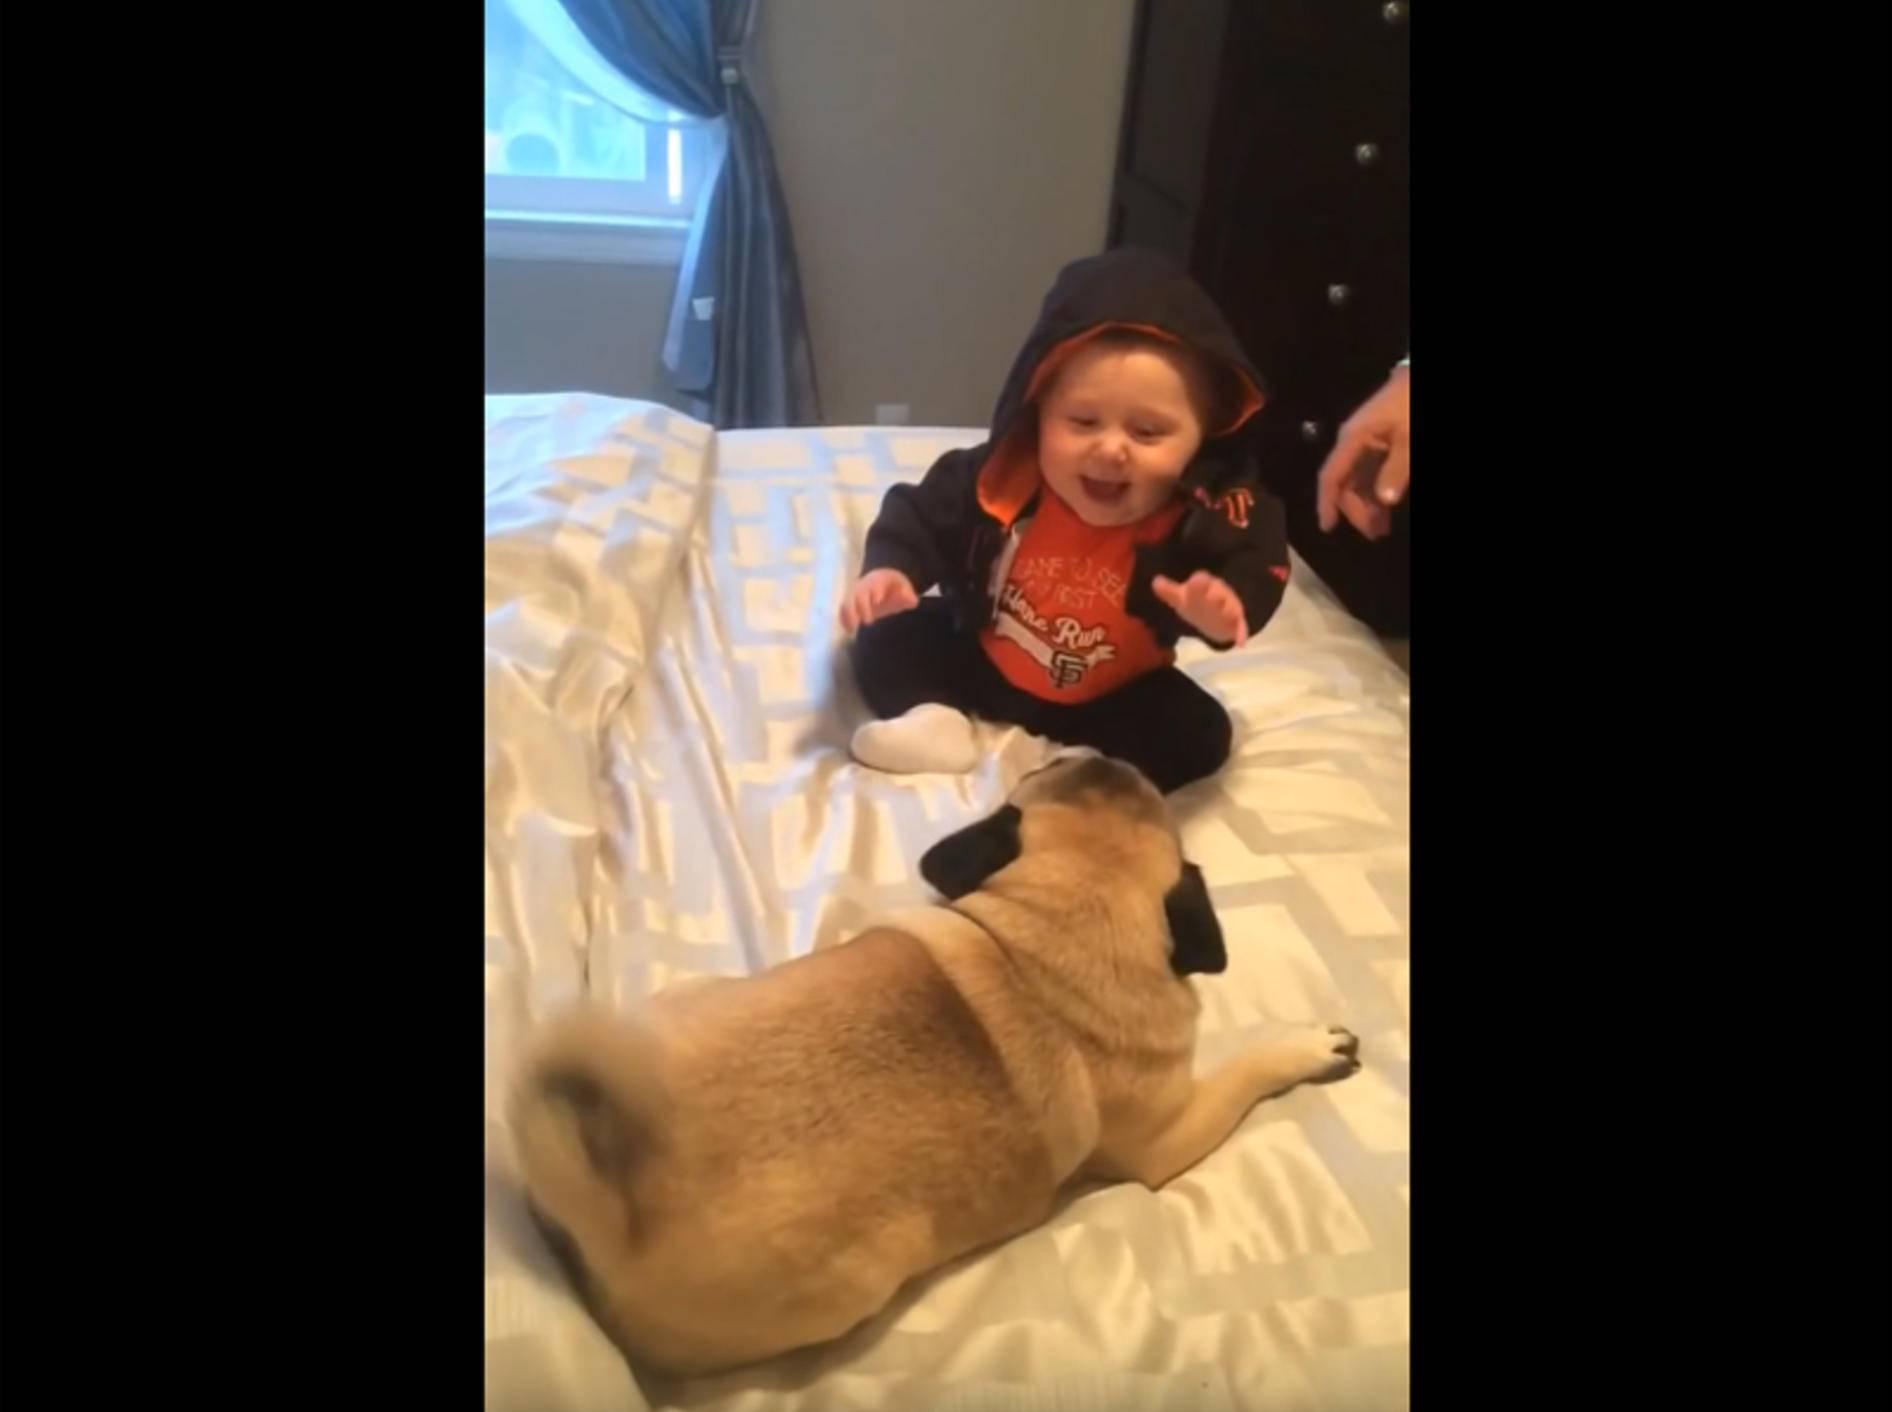 Zwei Möpse spielen mit Baby – YouTube / Shannonrosegreen